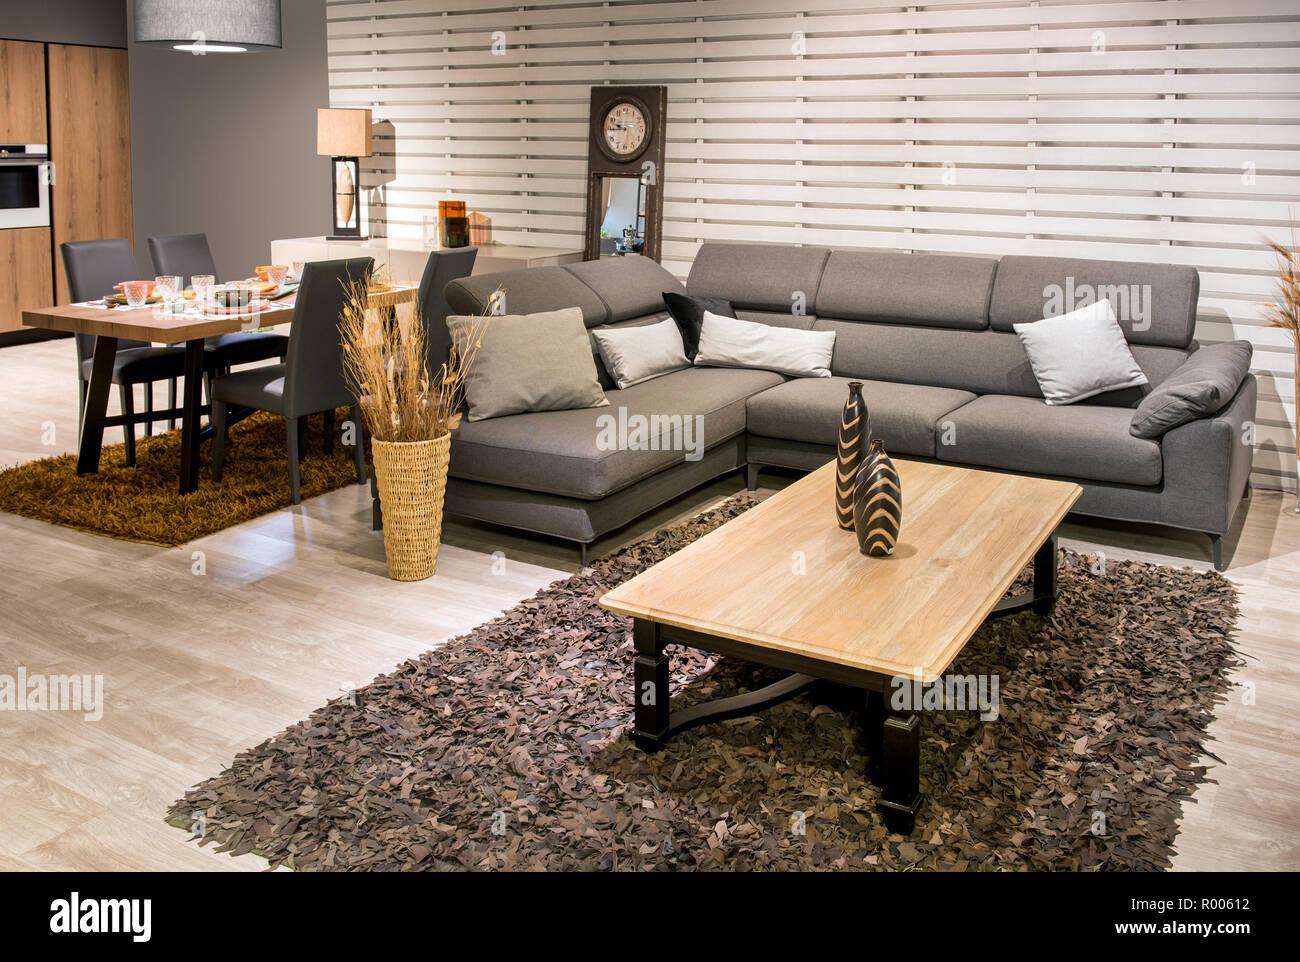 Cuisine spacieuse, salle à manger et salon intérieur avec